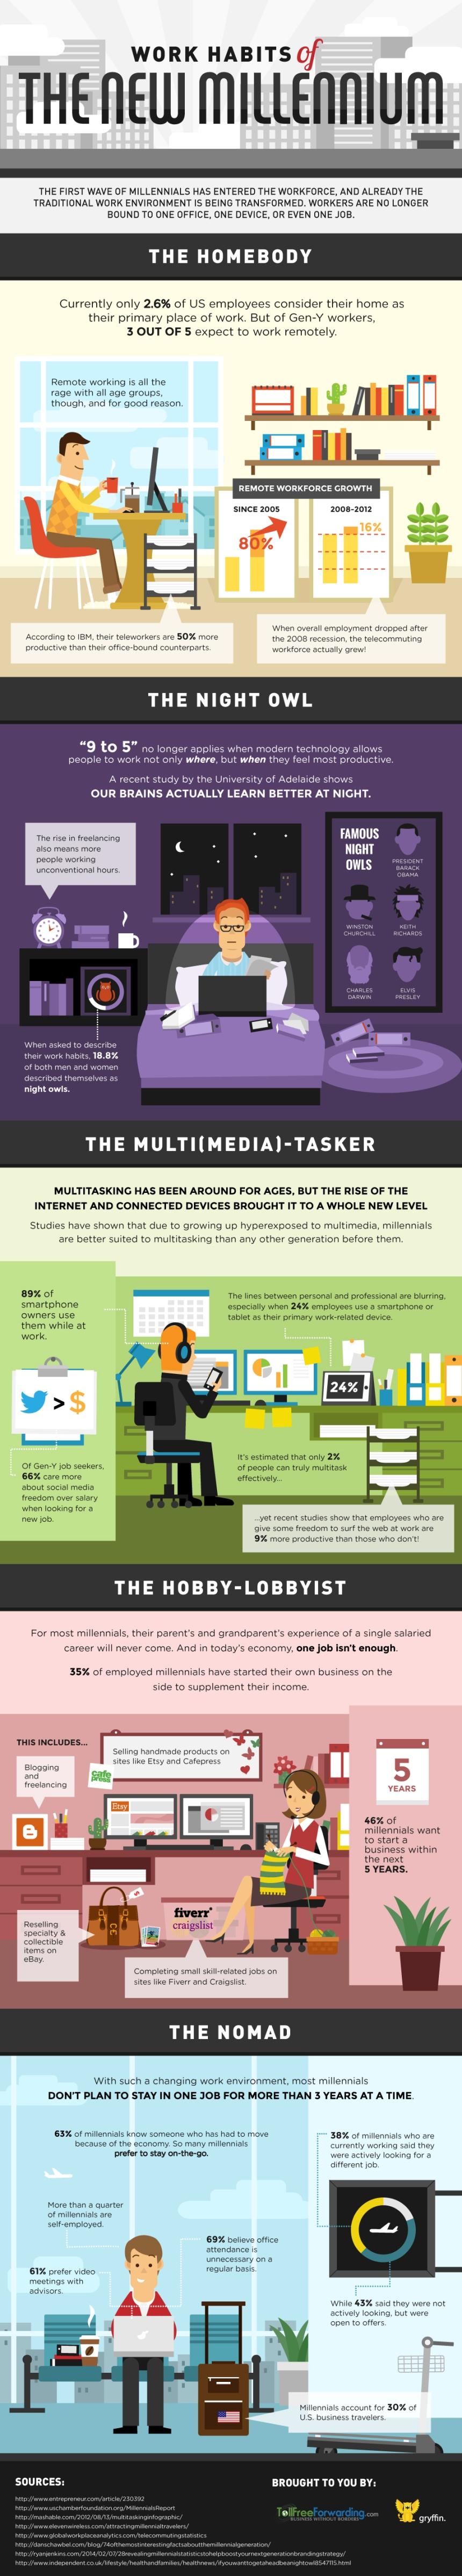 Hábitos de trabajo en el nuevo milenio